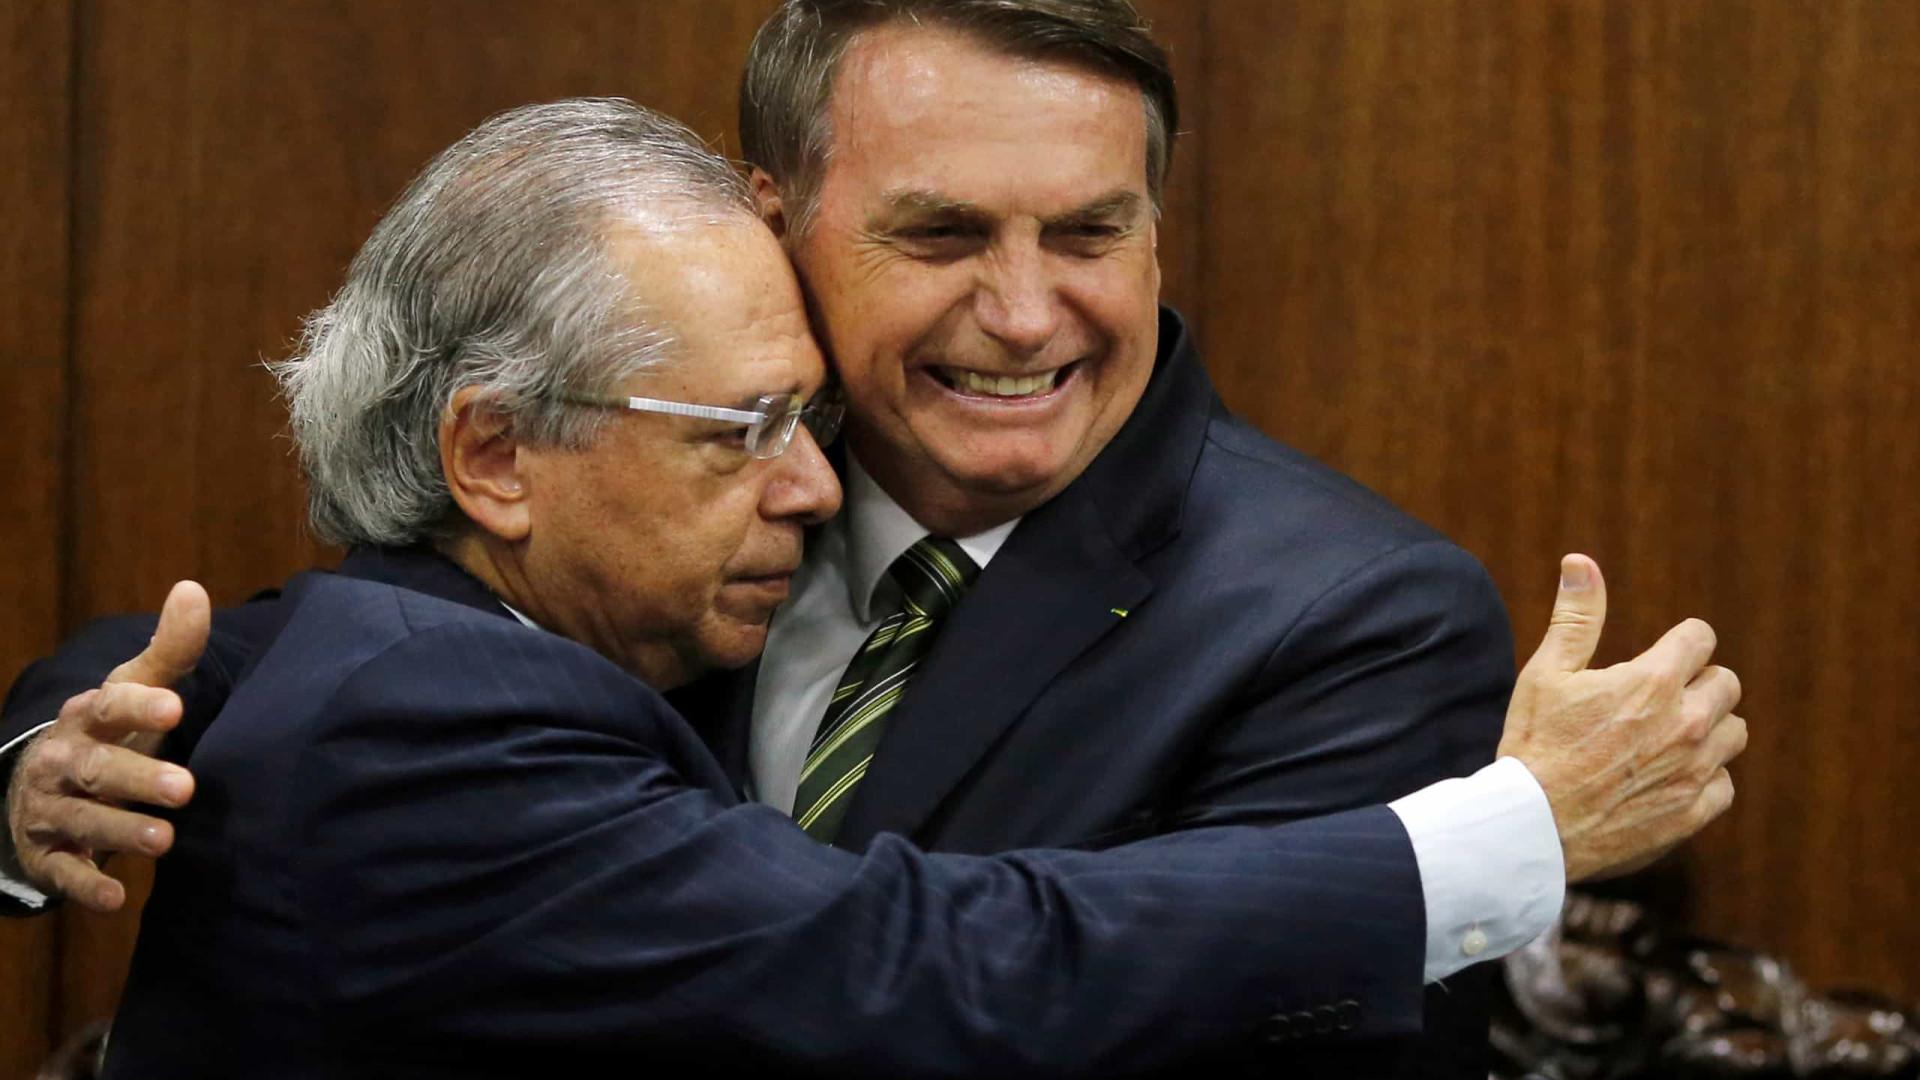 Em sinalização ao mercado, Bolsonaro afaga Guedes e diz não ter briga com Petrobras